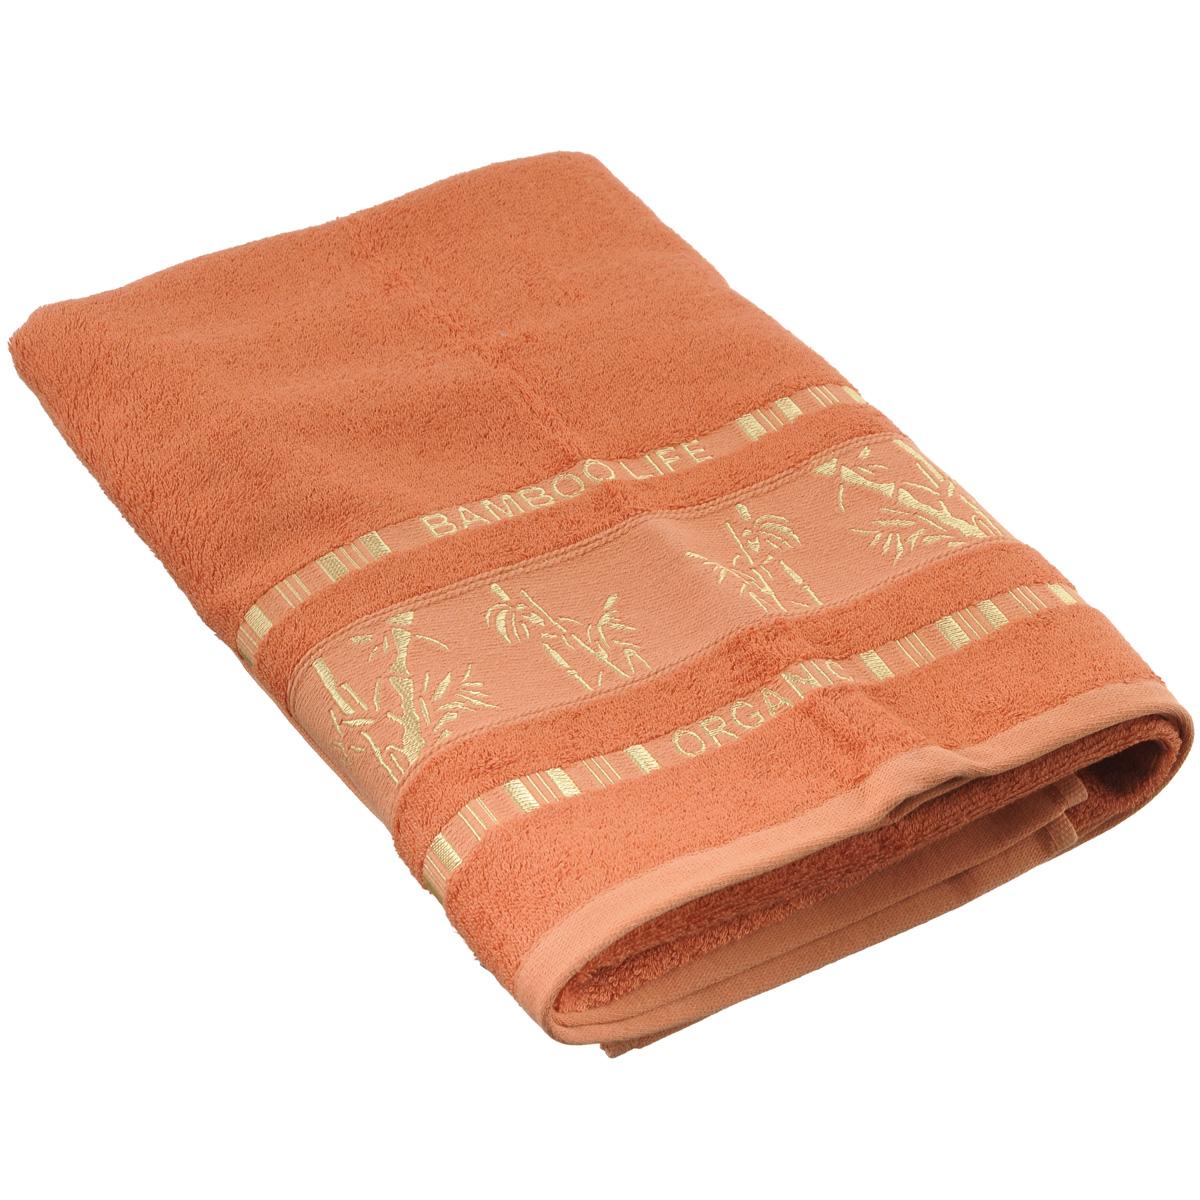 Полотенце Mariposa Bamboo, цвет: бронзовый, 70 х 140 см50838Полотенце Mariposa Bamboo, изготовленное из 60% бамбука и 40% хлопка, подарит массу положительных эмоций и приятных ощущений. Полотенца из бамбука только издали похожи на обычные. На самом деле, при первом же прикосновении вы ощутите невероятную мягкость и шелковистость. Таким полотенцем не нужно вытираться - только коснитесь кожи - и ткань сама все впитает! Несмотря на богатую плотность и высокую петлю полотенца, оно быстро сохнет, остается легким даже при намокании. Полотенце оформлено изображением бамбука. Благородный тон создает уют и подчеркивает лучшие качества махровой ткани. Полотенце Mariposa Bamboo станет достойным выбором для вас и приятным подарком для ваших близких. Размер полотенца: 70 см х 140 см.